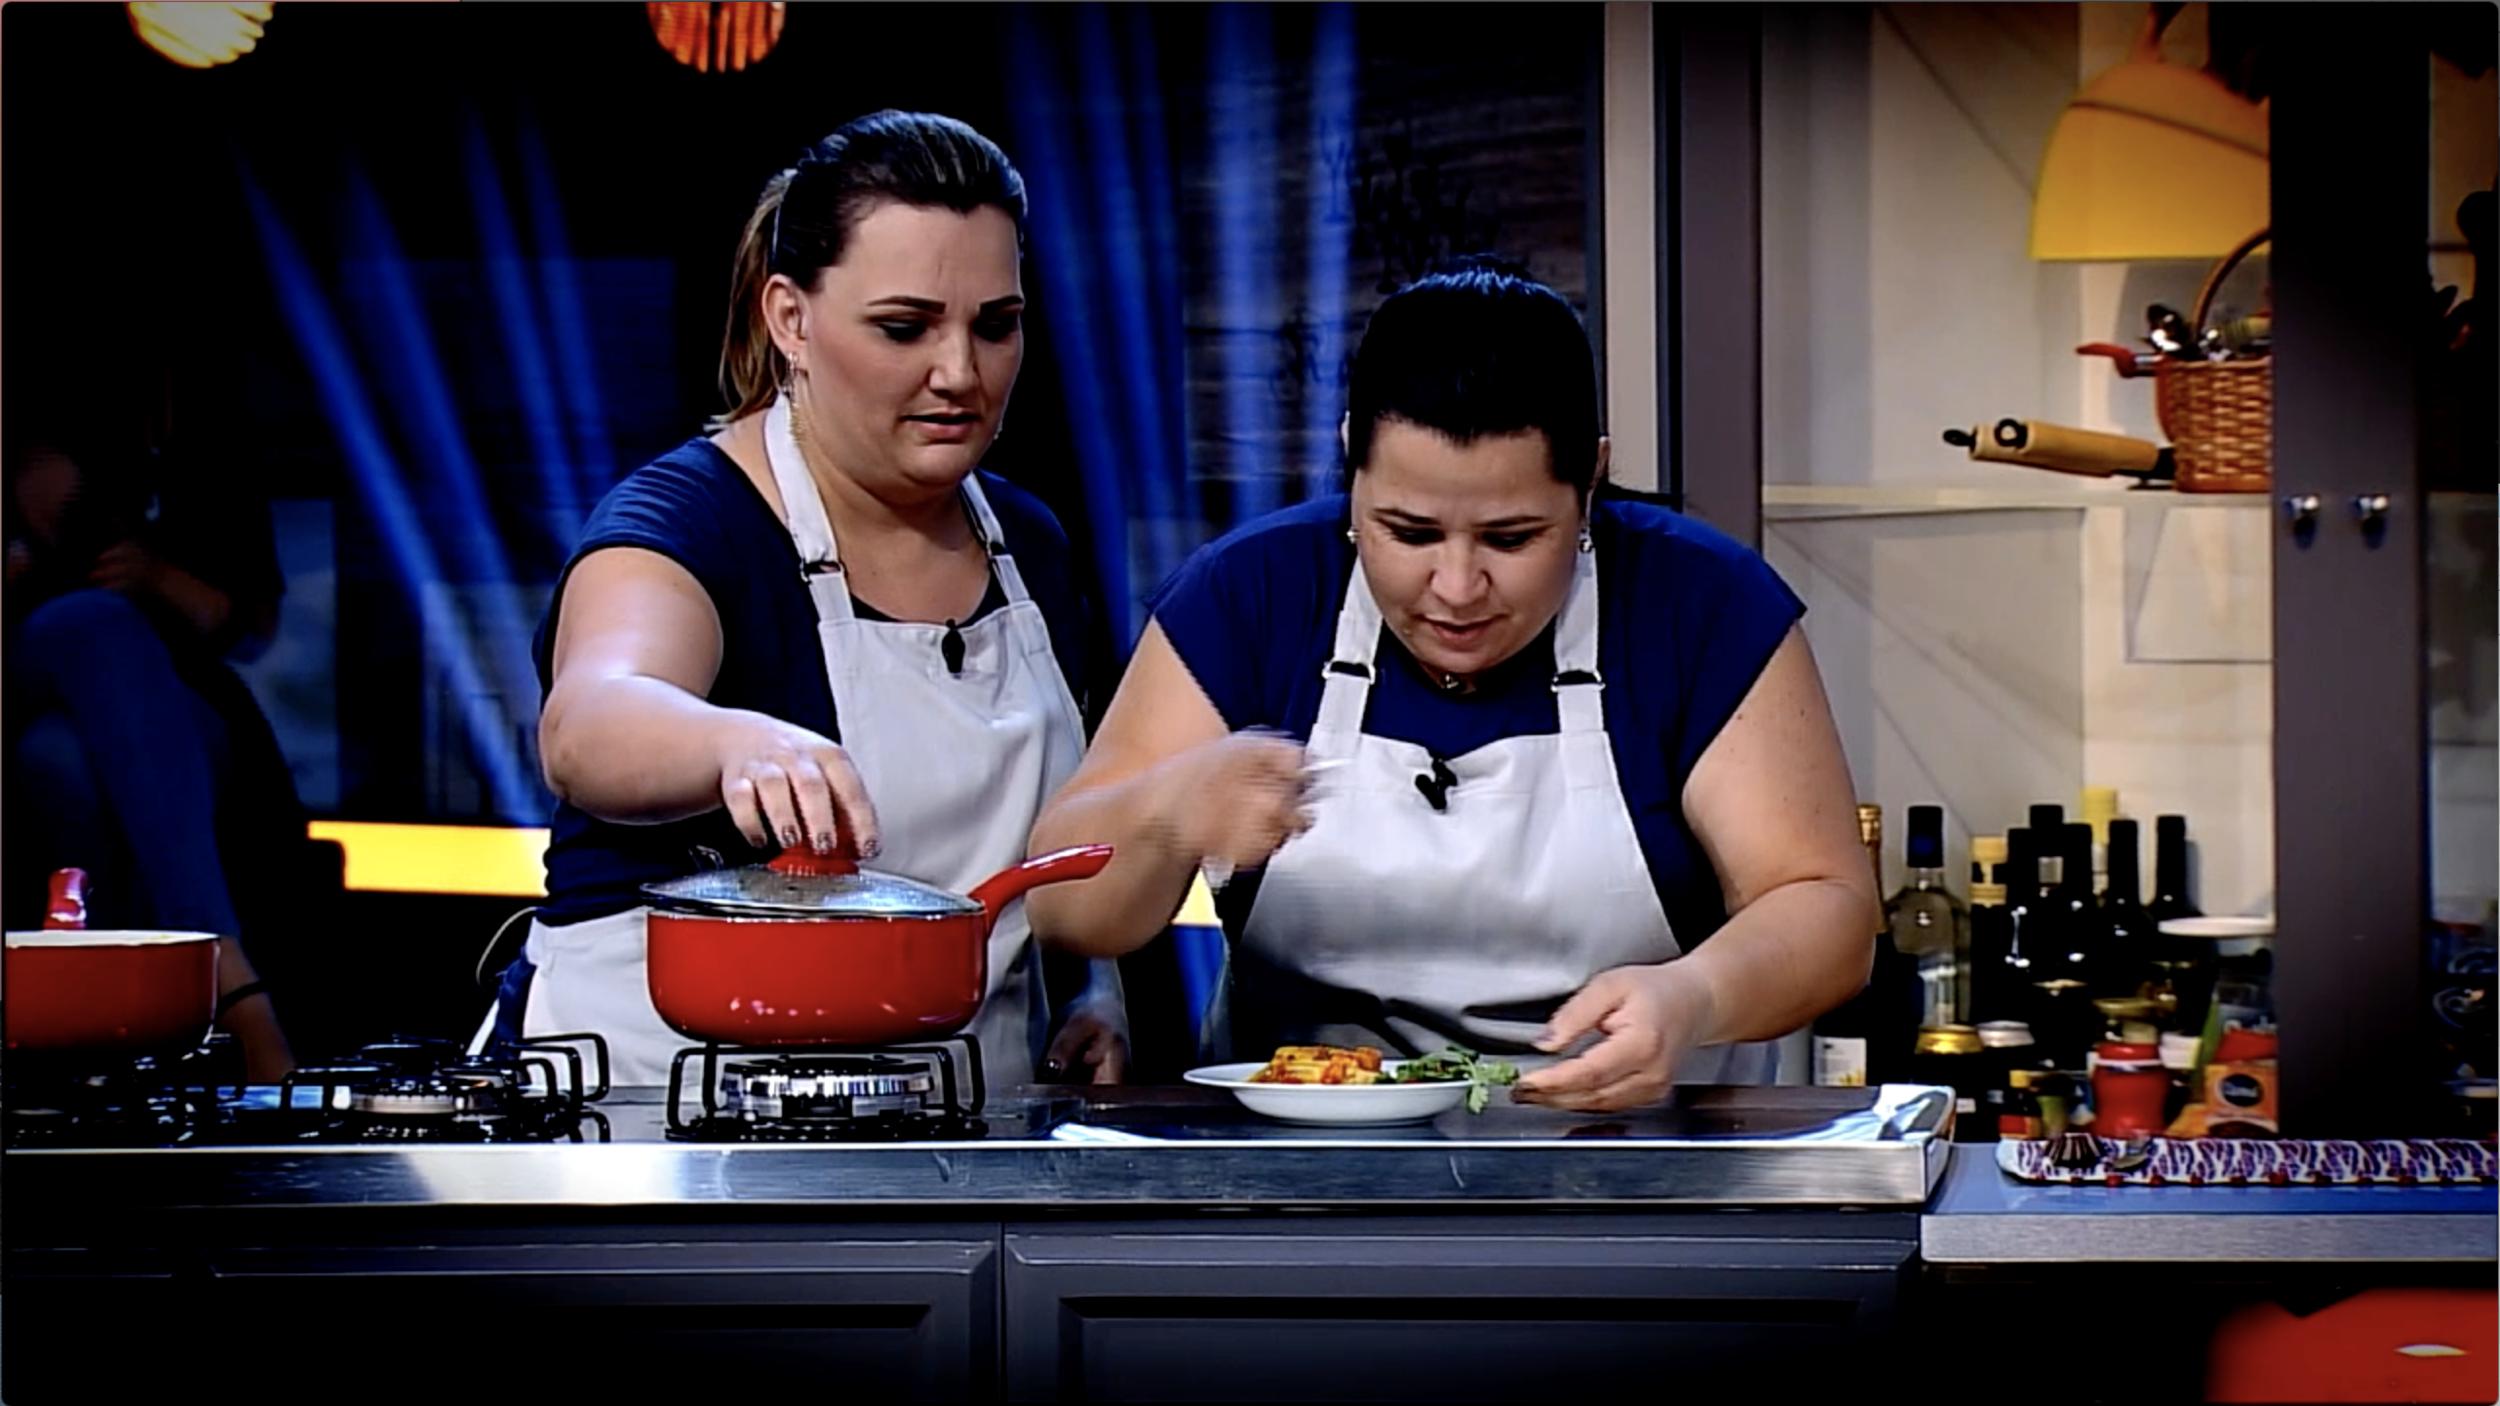 Batalha_dos_cozinheiros_5.png